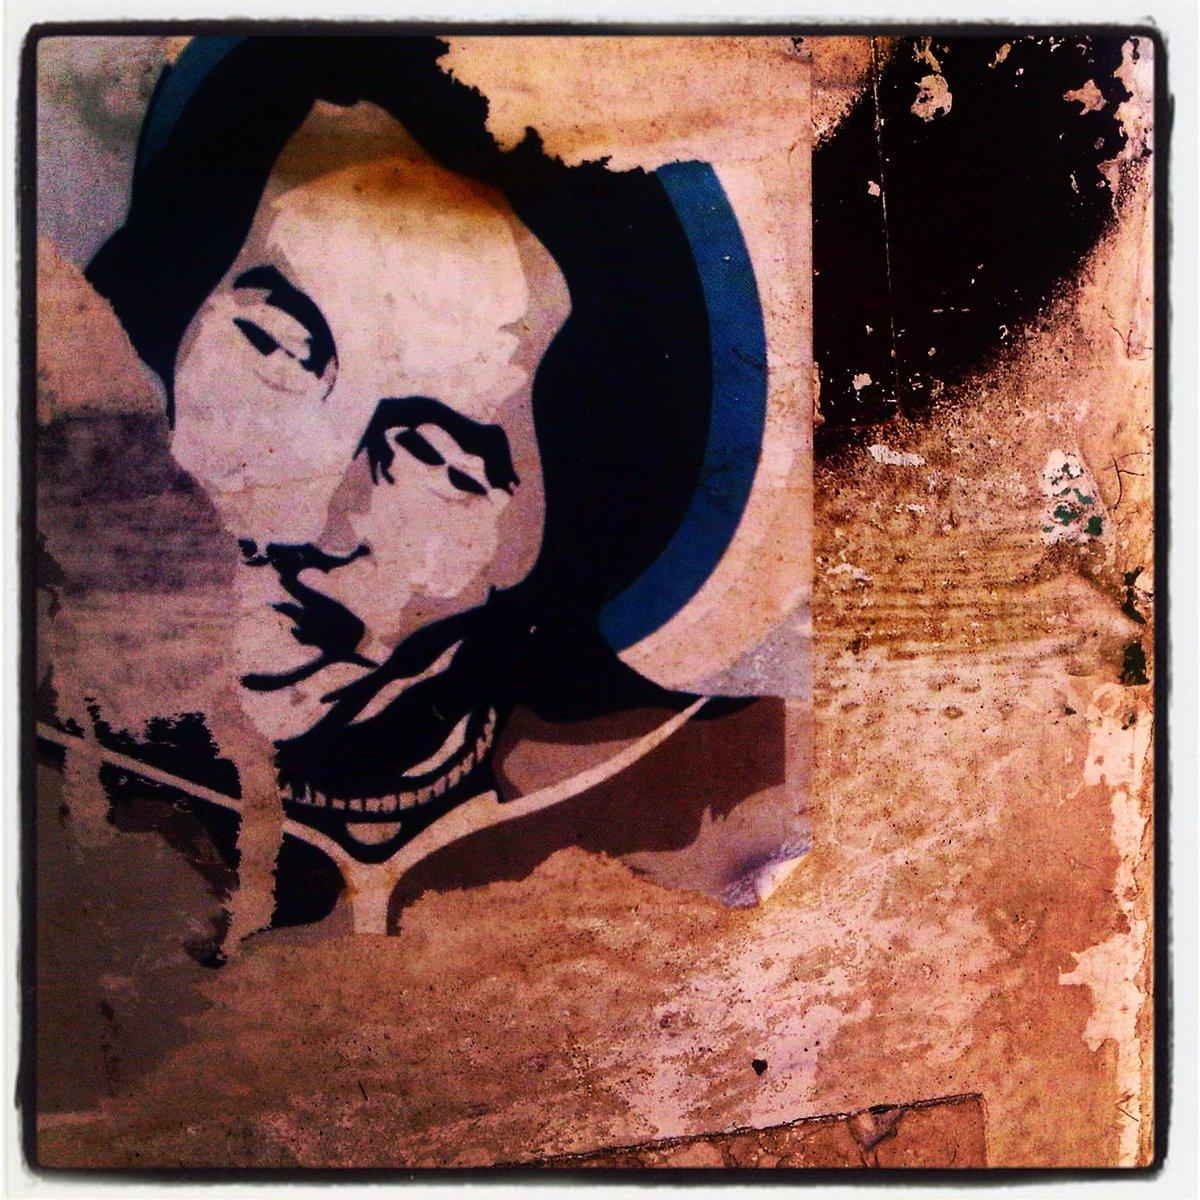 ONE LOVE #bobmarley  #BonneAnnee #meilleursvoeux #onelove #happynewyear #bestwishes #vieuxport #marseille #StreetArt  https://www. instagram.com/p/BPakDQ7hQgh/ ?taken-by=cadrageb &nbsp; … <br>http://pic.twitter.com/rQC2Vs2uHE